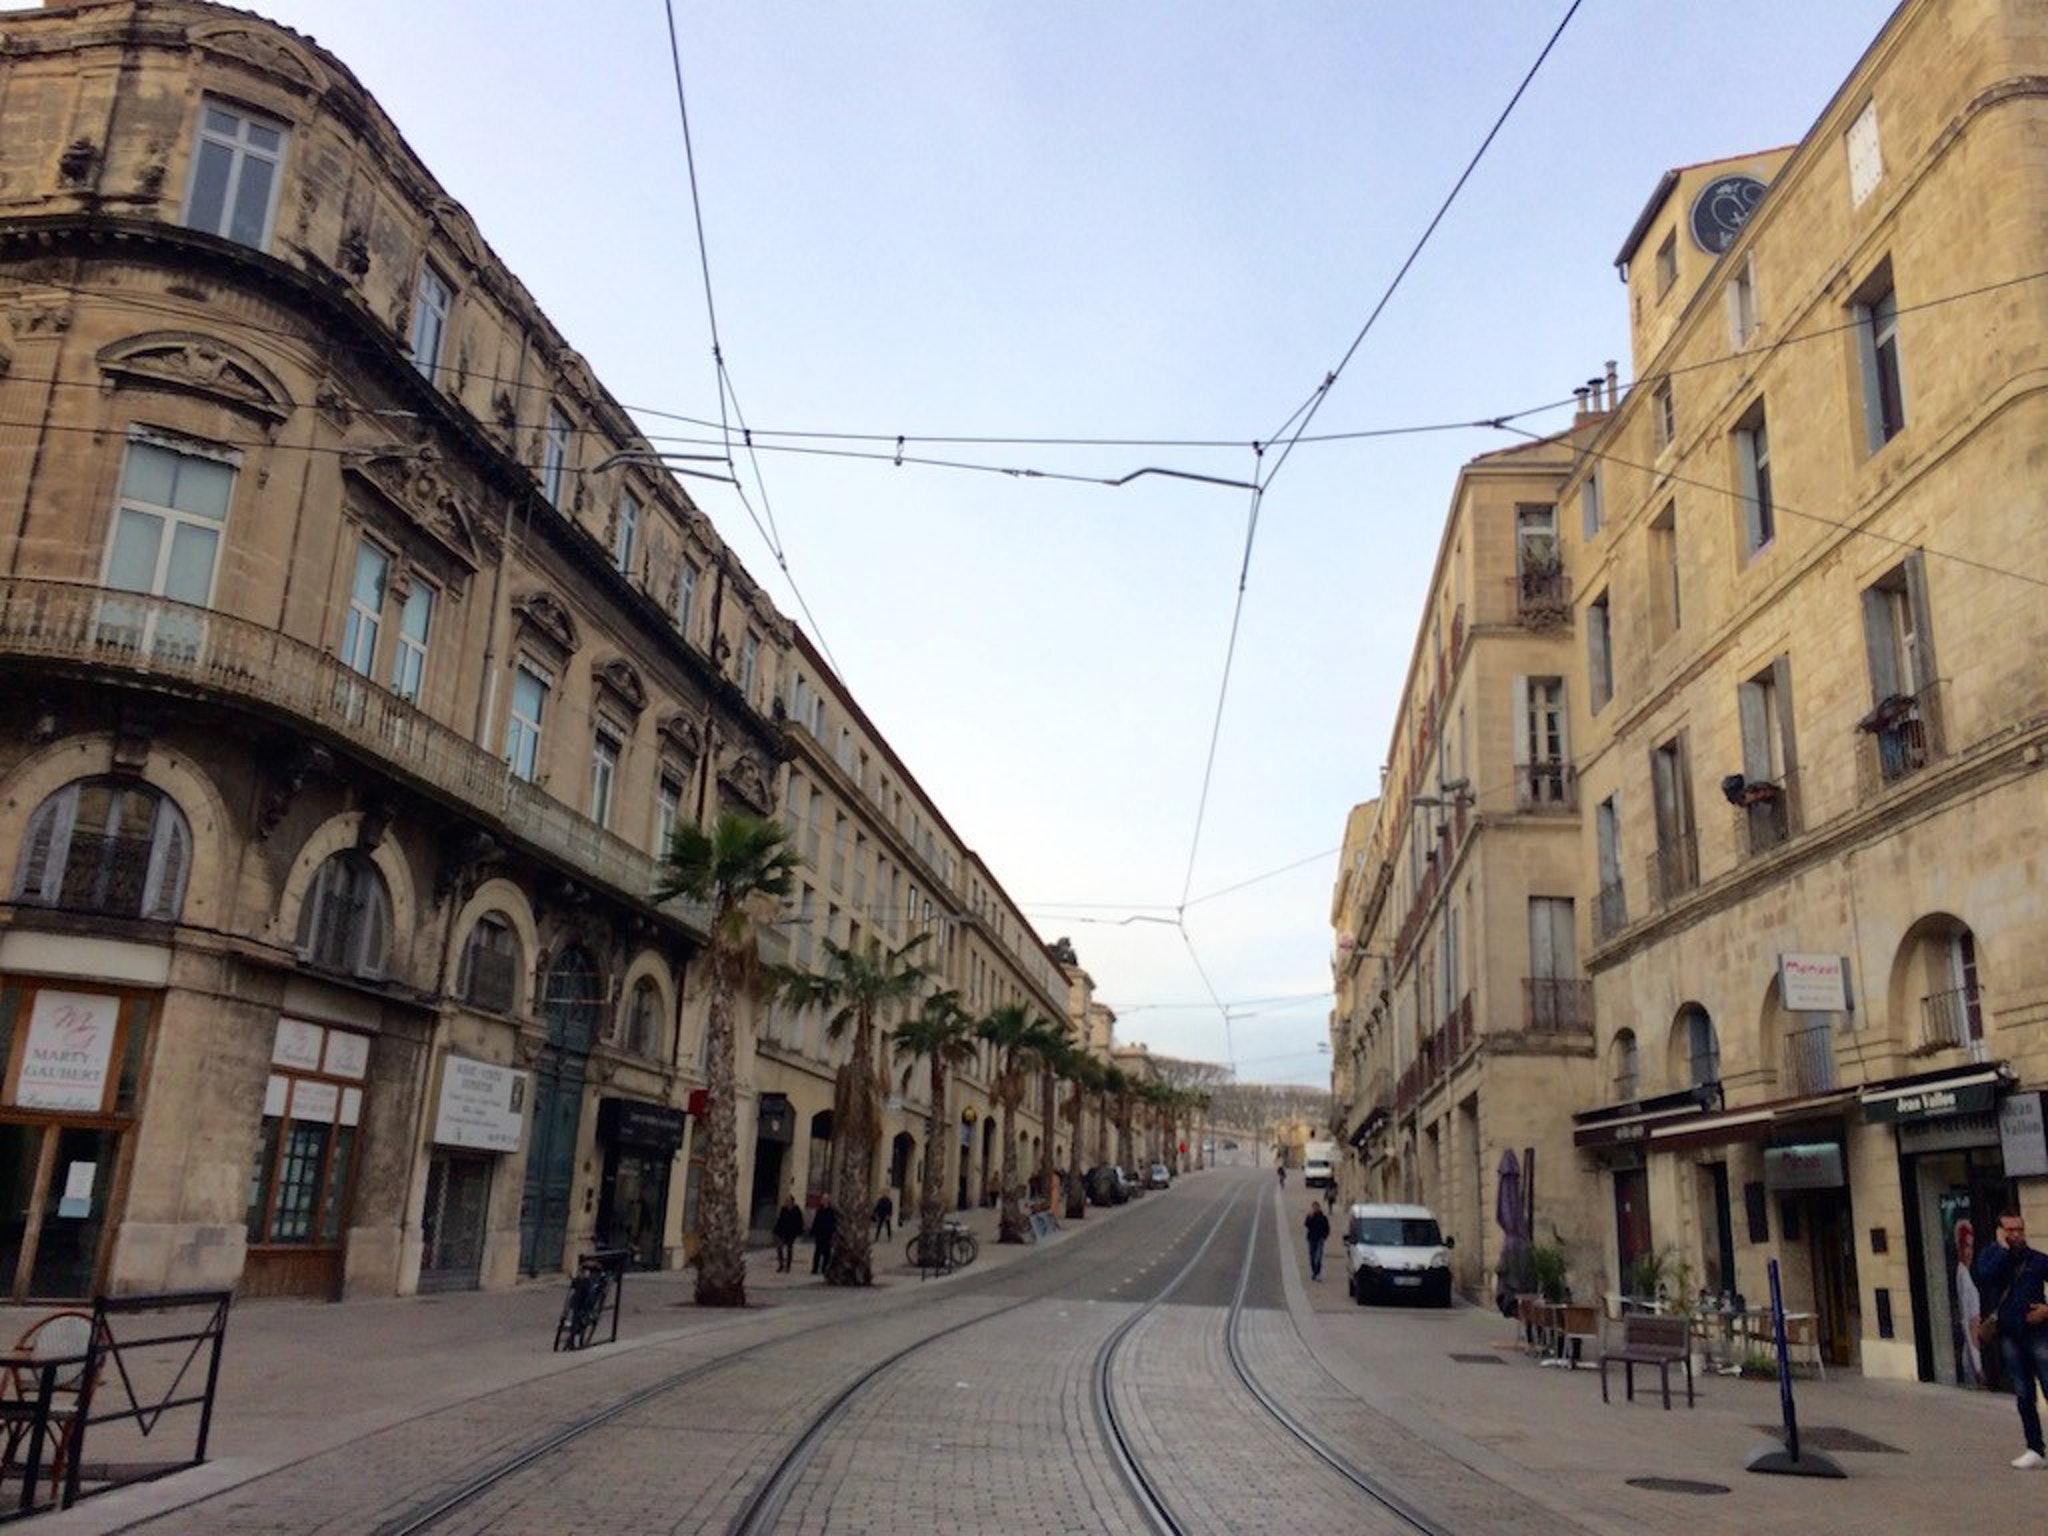 Ferienwohnung Wohnung mit 2 Zimmern in Montpellier mit möblierter Terrasse und W-LAN - 15 km vom Strand  (2351209), Montpellier, Mittelmeerküste Hérault, Languedoc-Roussillon, Frankreich, Bild 15